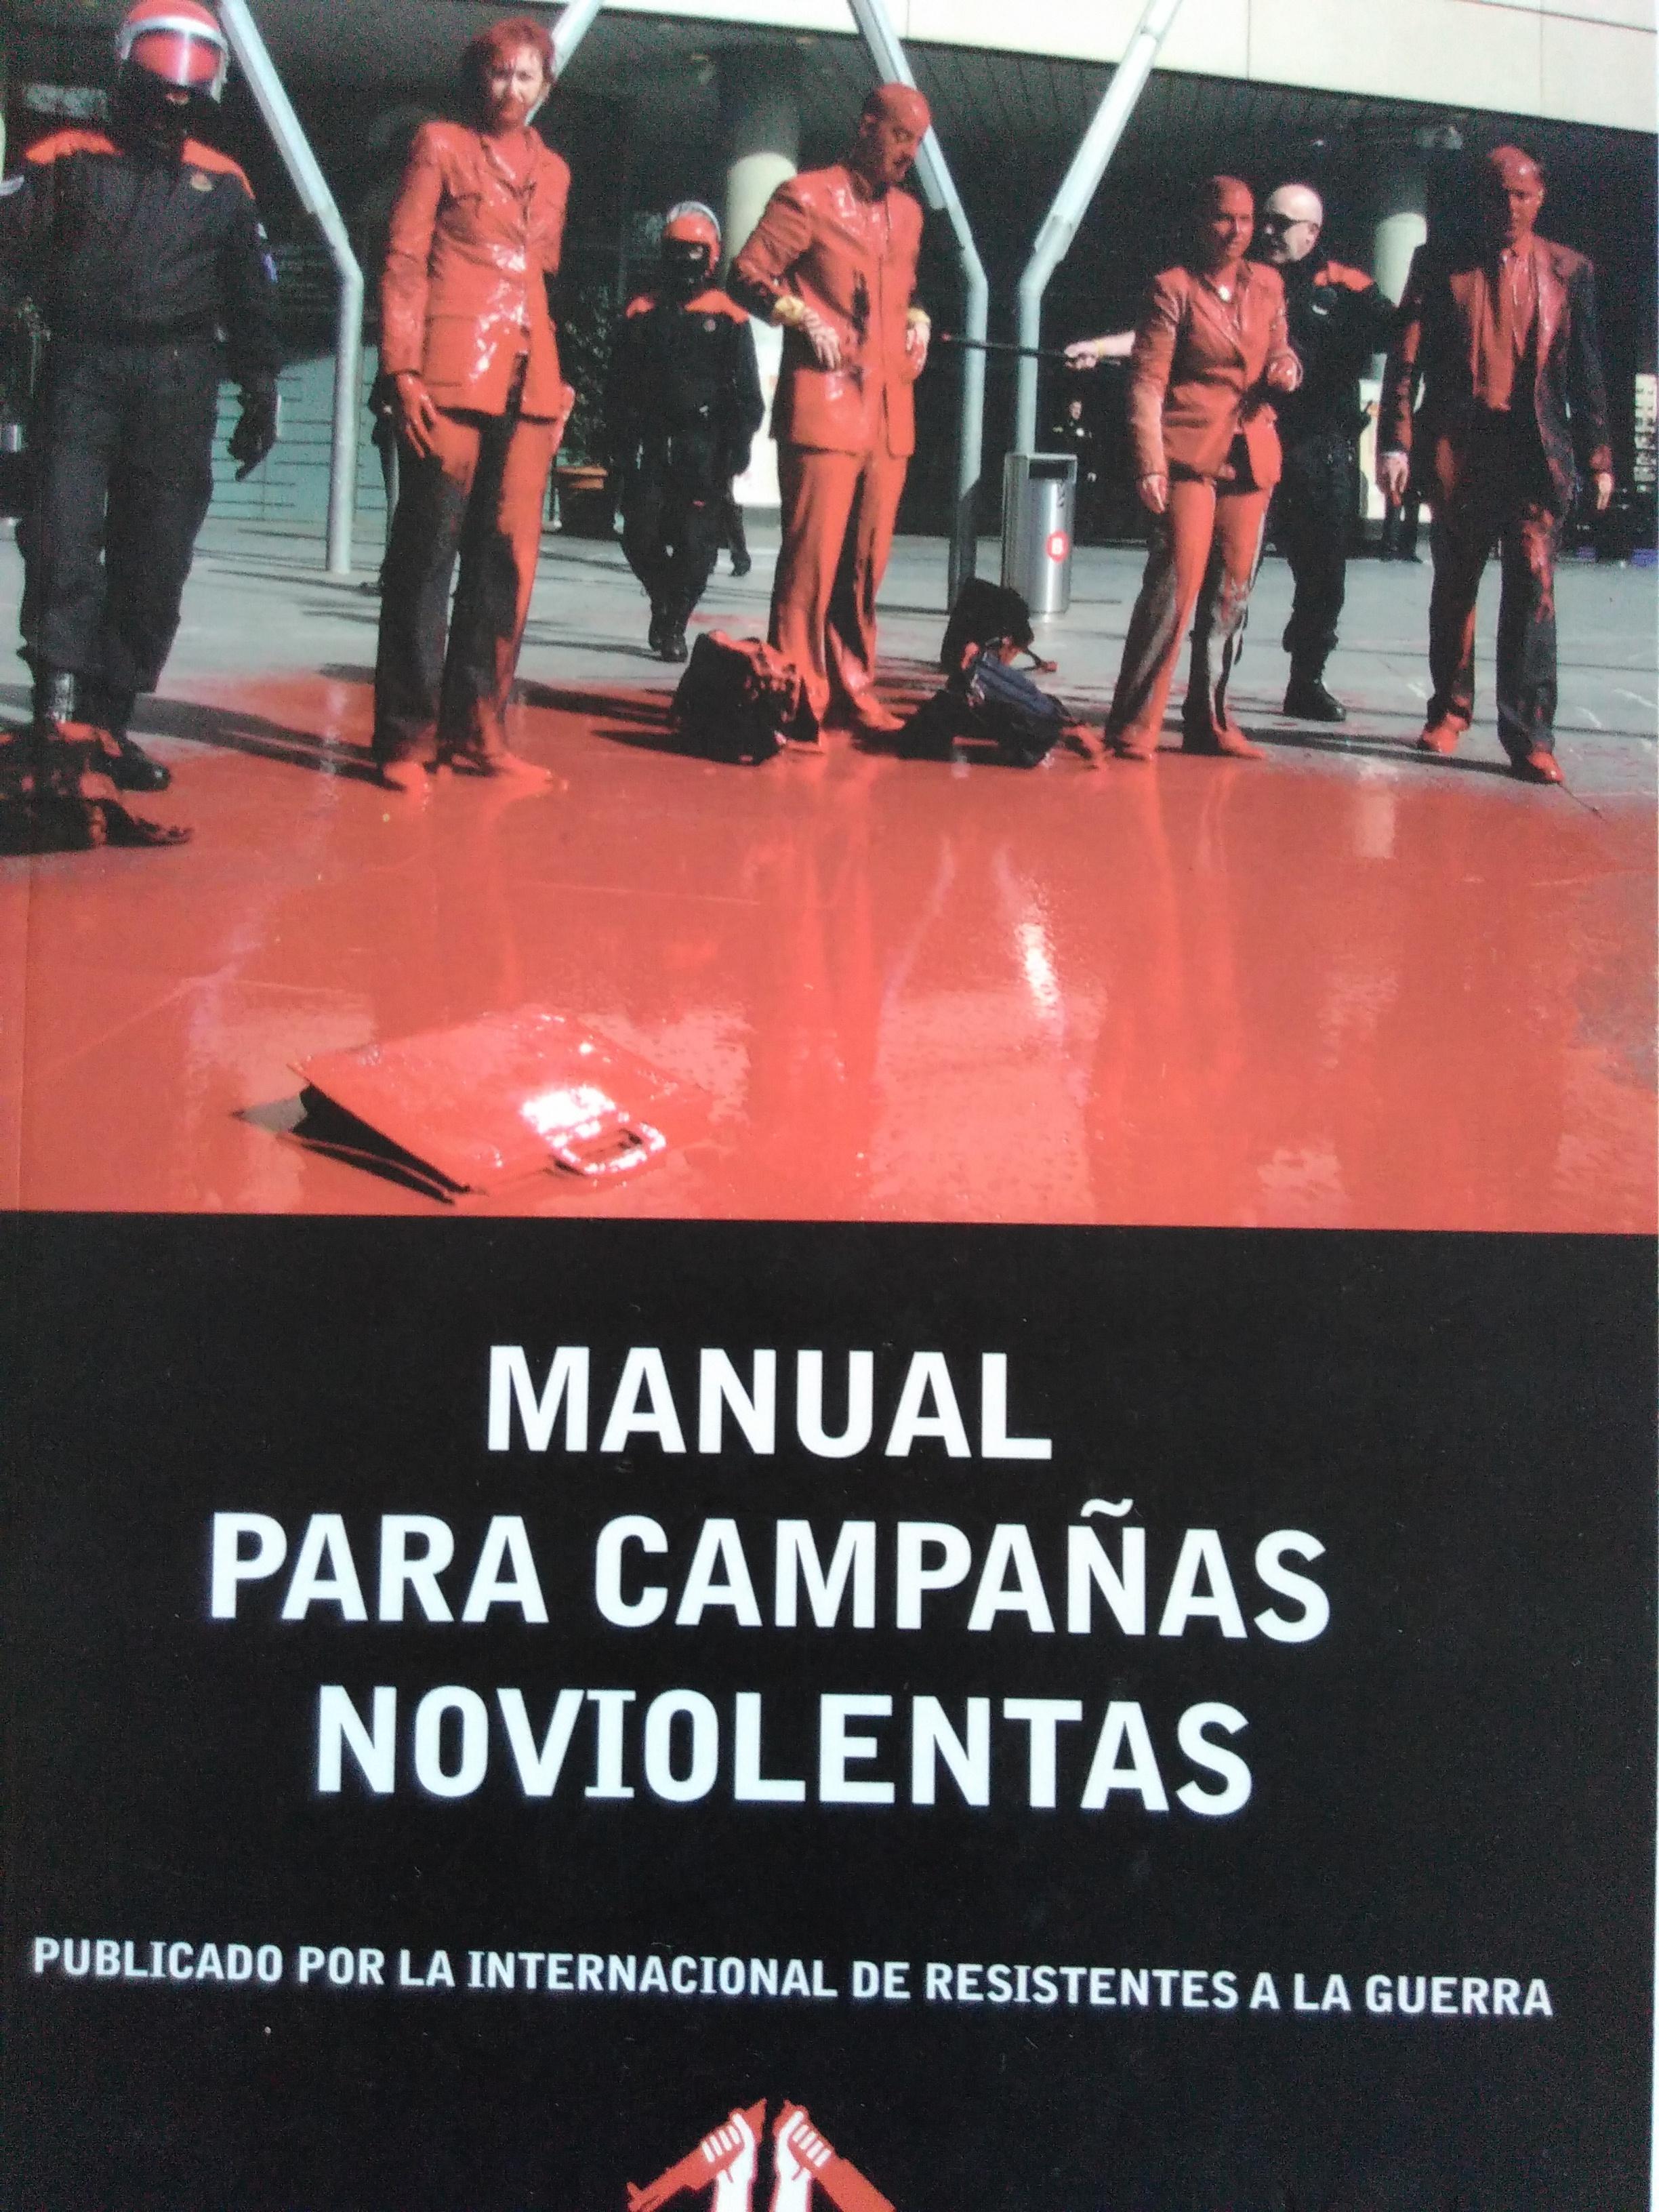 Manual para campañas noviolentas. Internacional de resistentes a la guerra. 2010